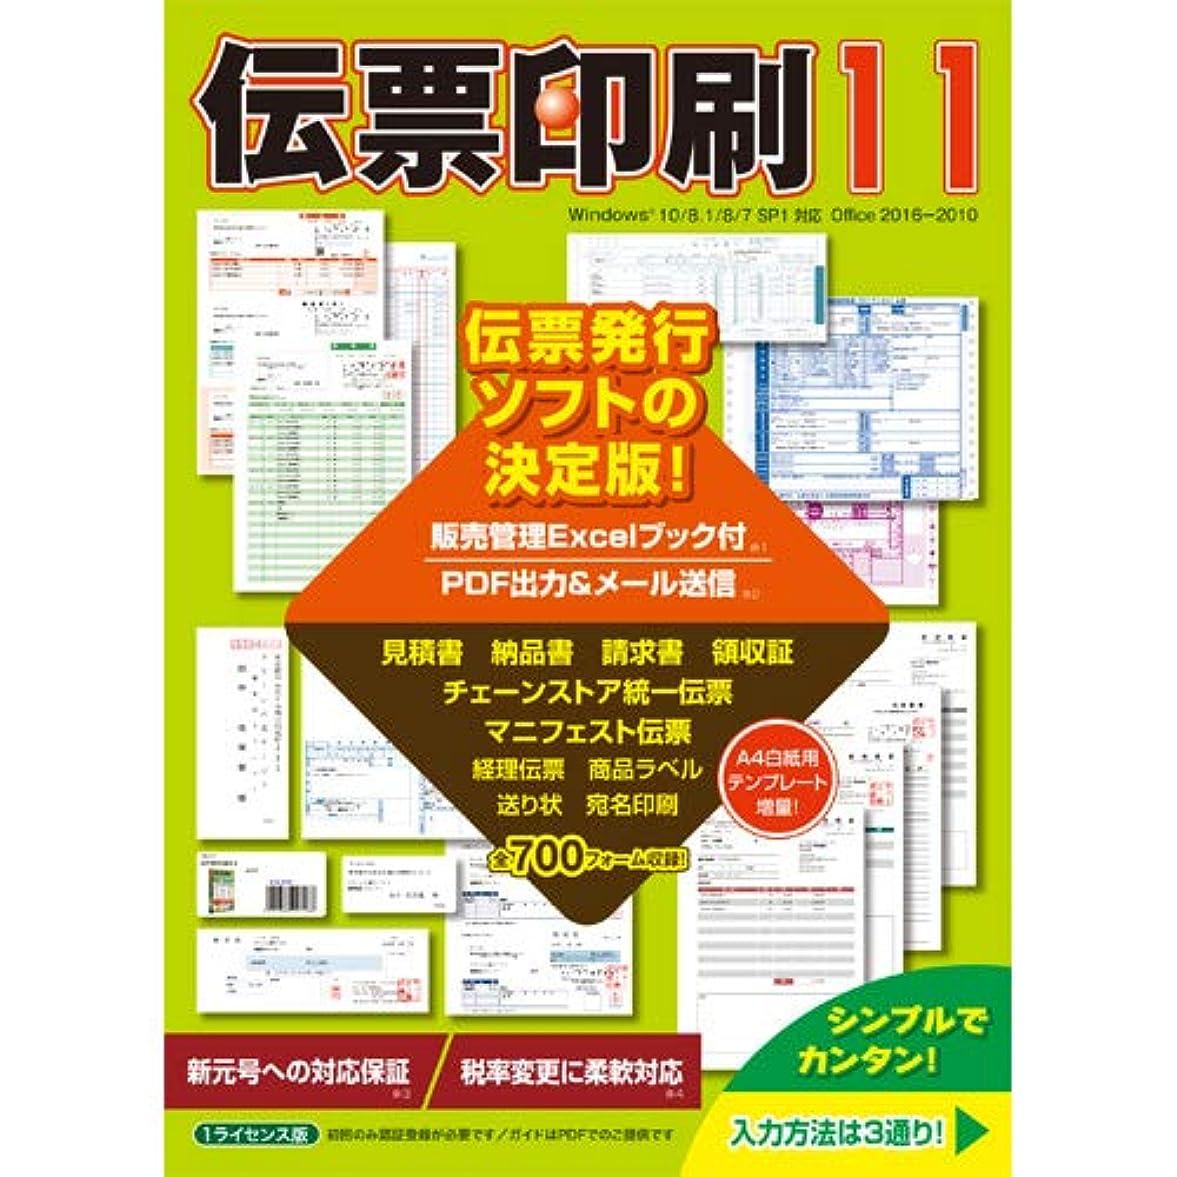 地獄無力流行している伝票印刷 11 ダウンロード版|ダウンロード版